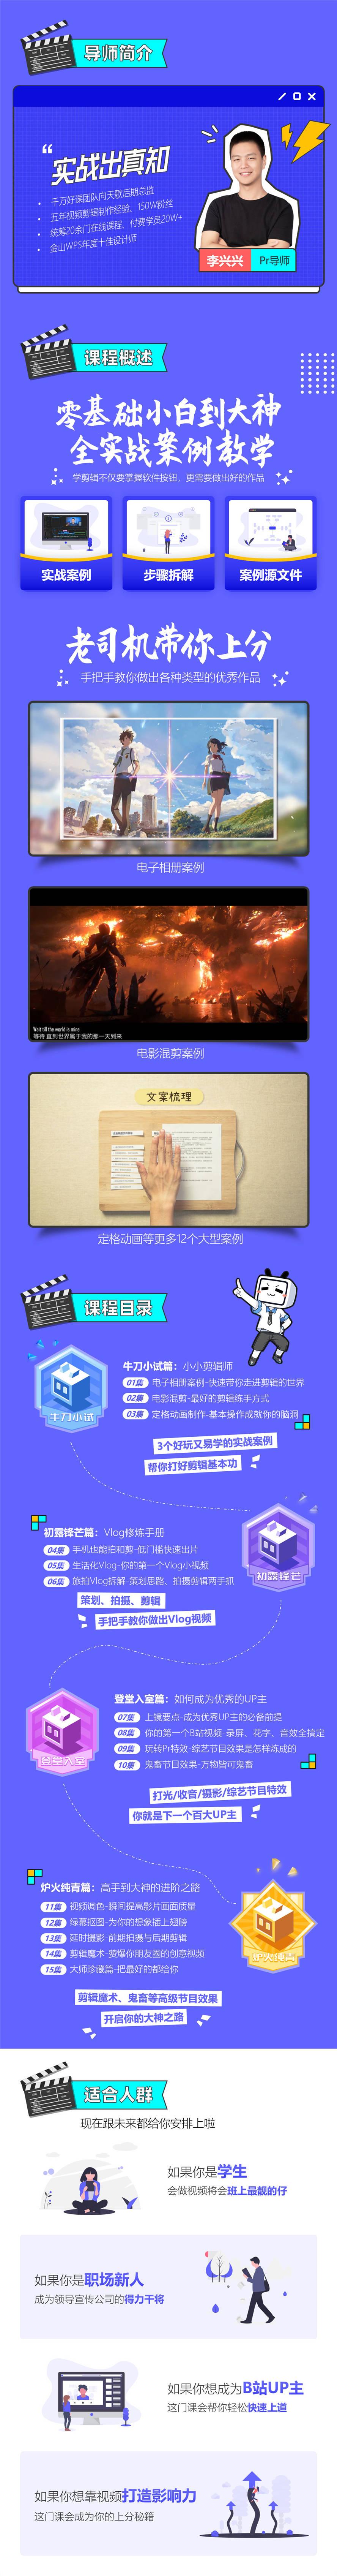 李兴兴PR剪辑上分攻略15课